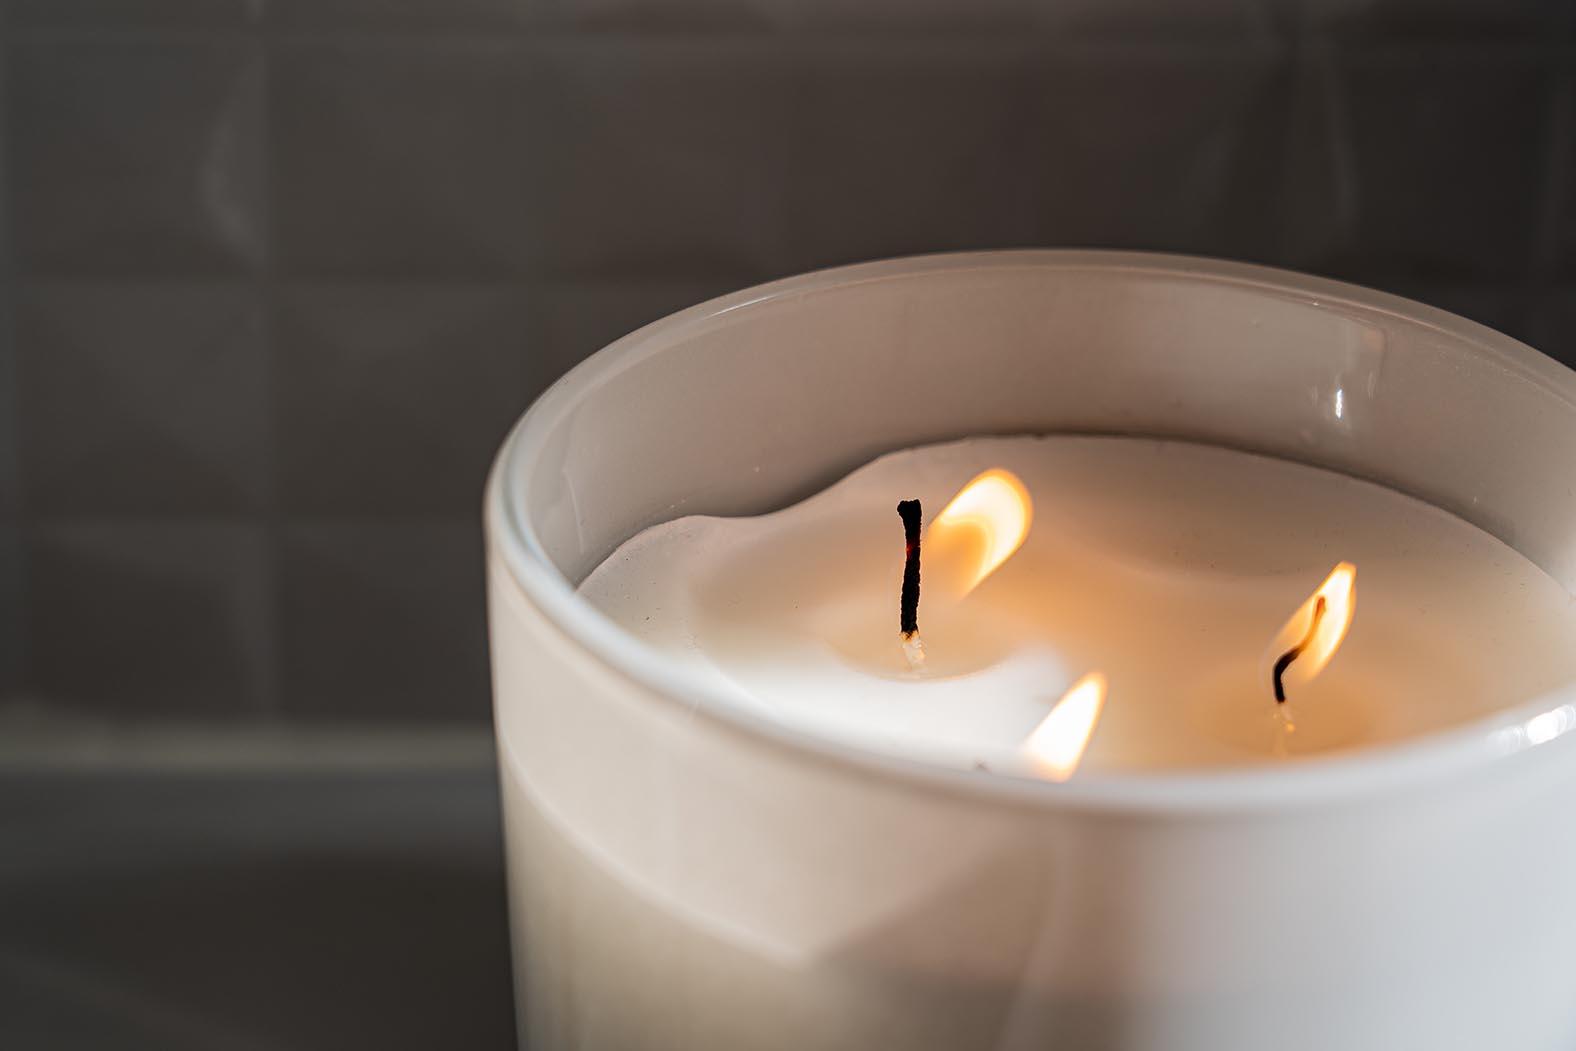 Kerzen wärmen Dich auch in der wohnung